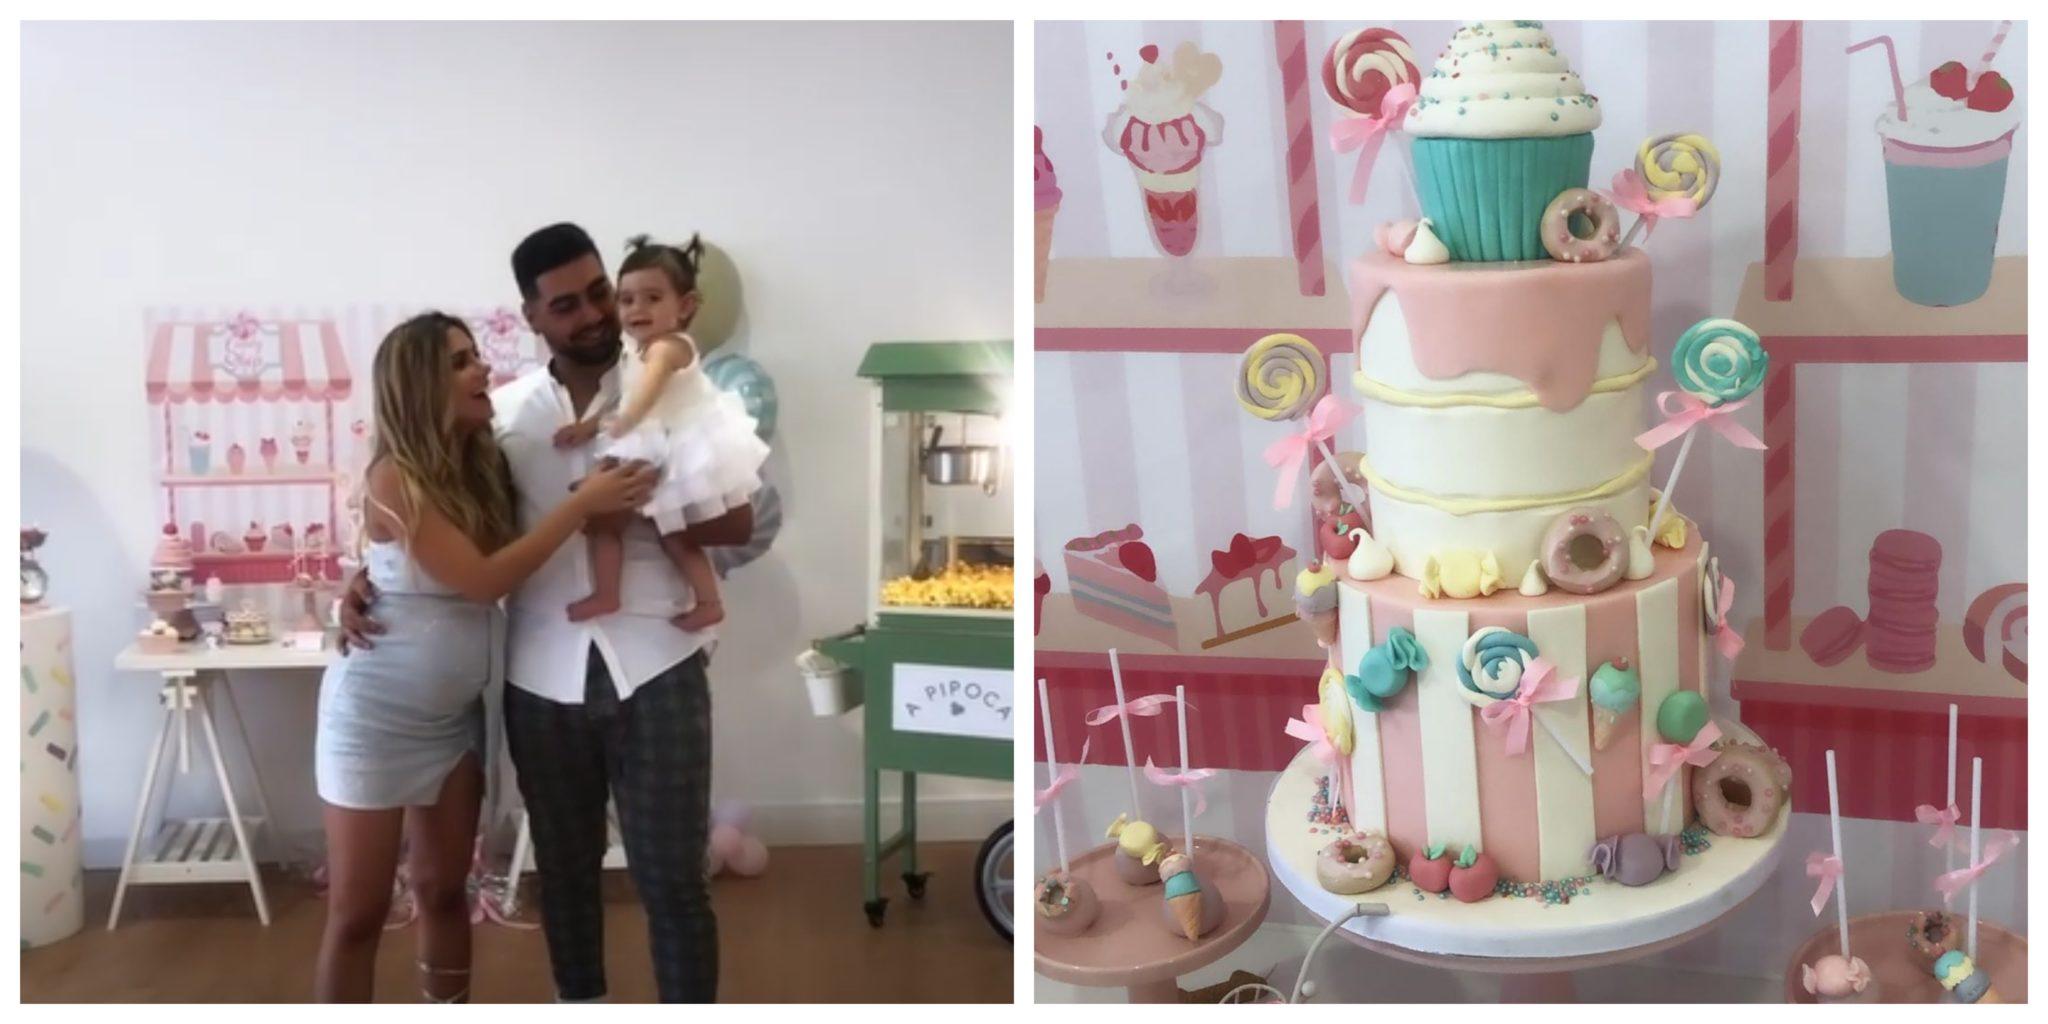 Daniel Gregório e Liliana Filipa As imagens da festa de aniversário da filha de Liliana Filipa